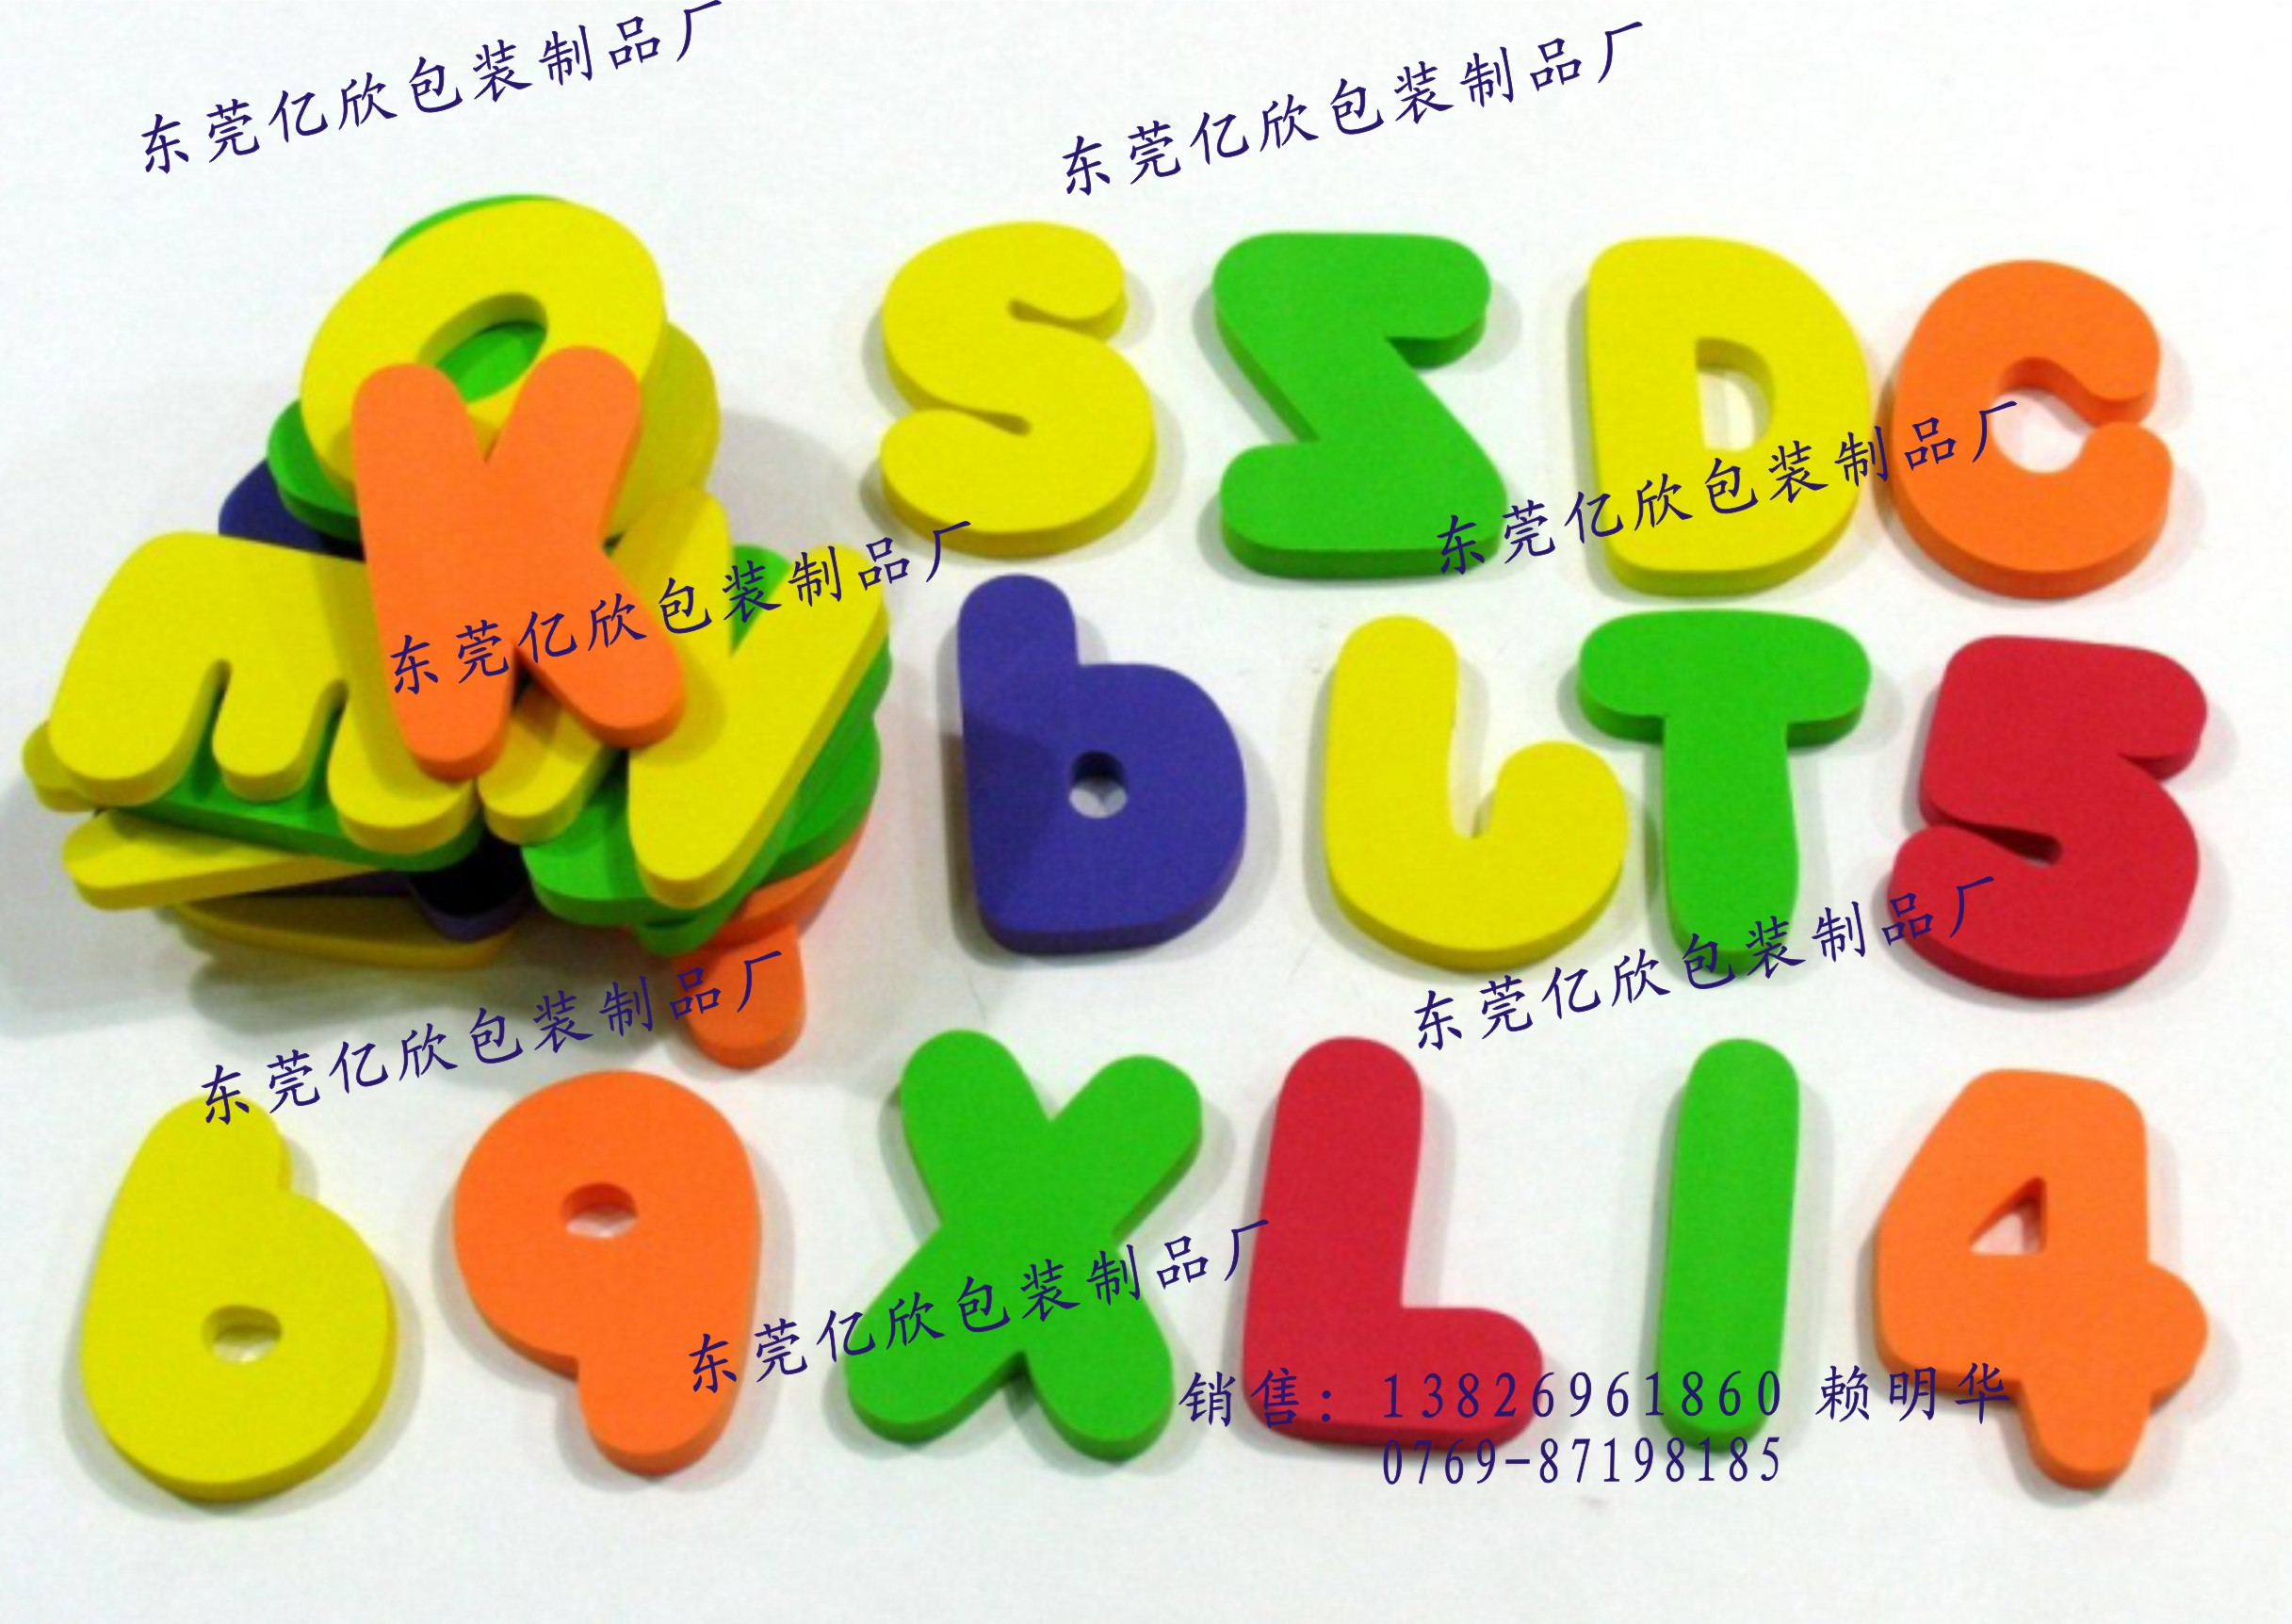 专业EVA模型加工 EVA拼图订做 EVA玩具厂家